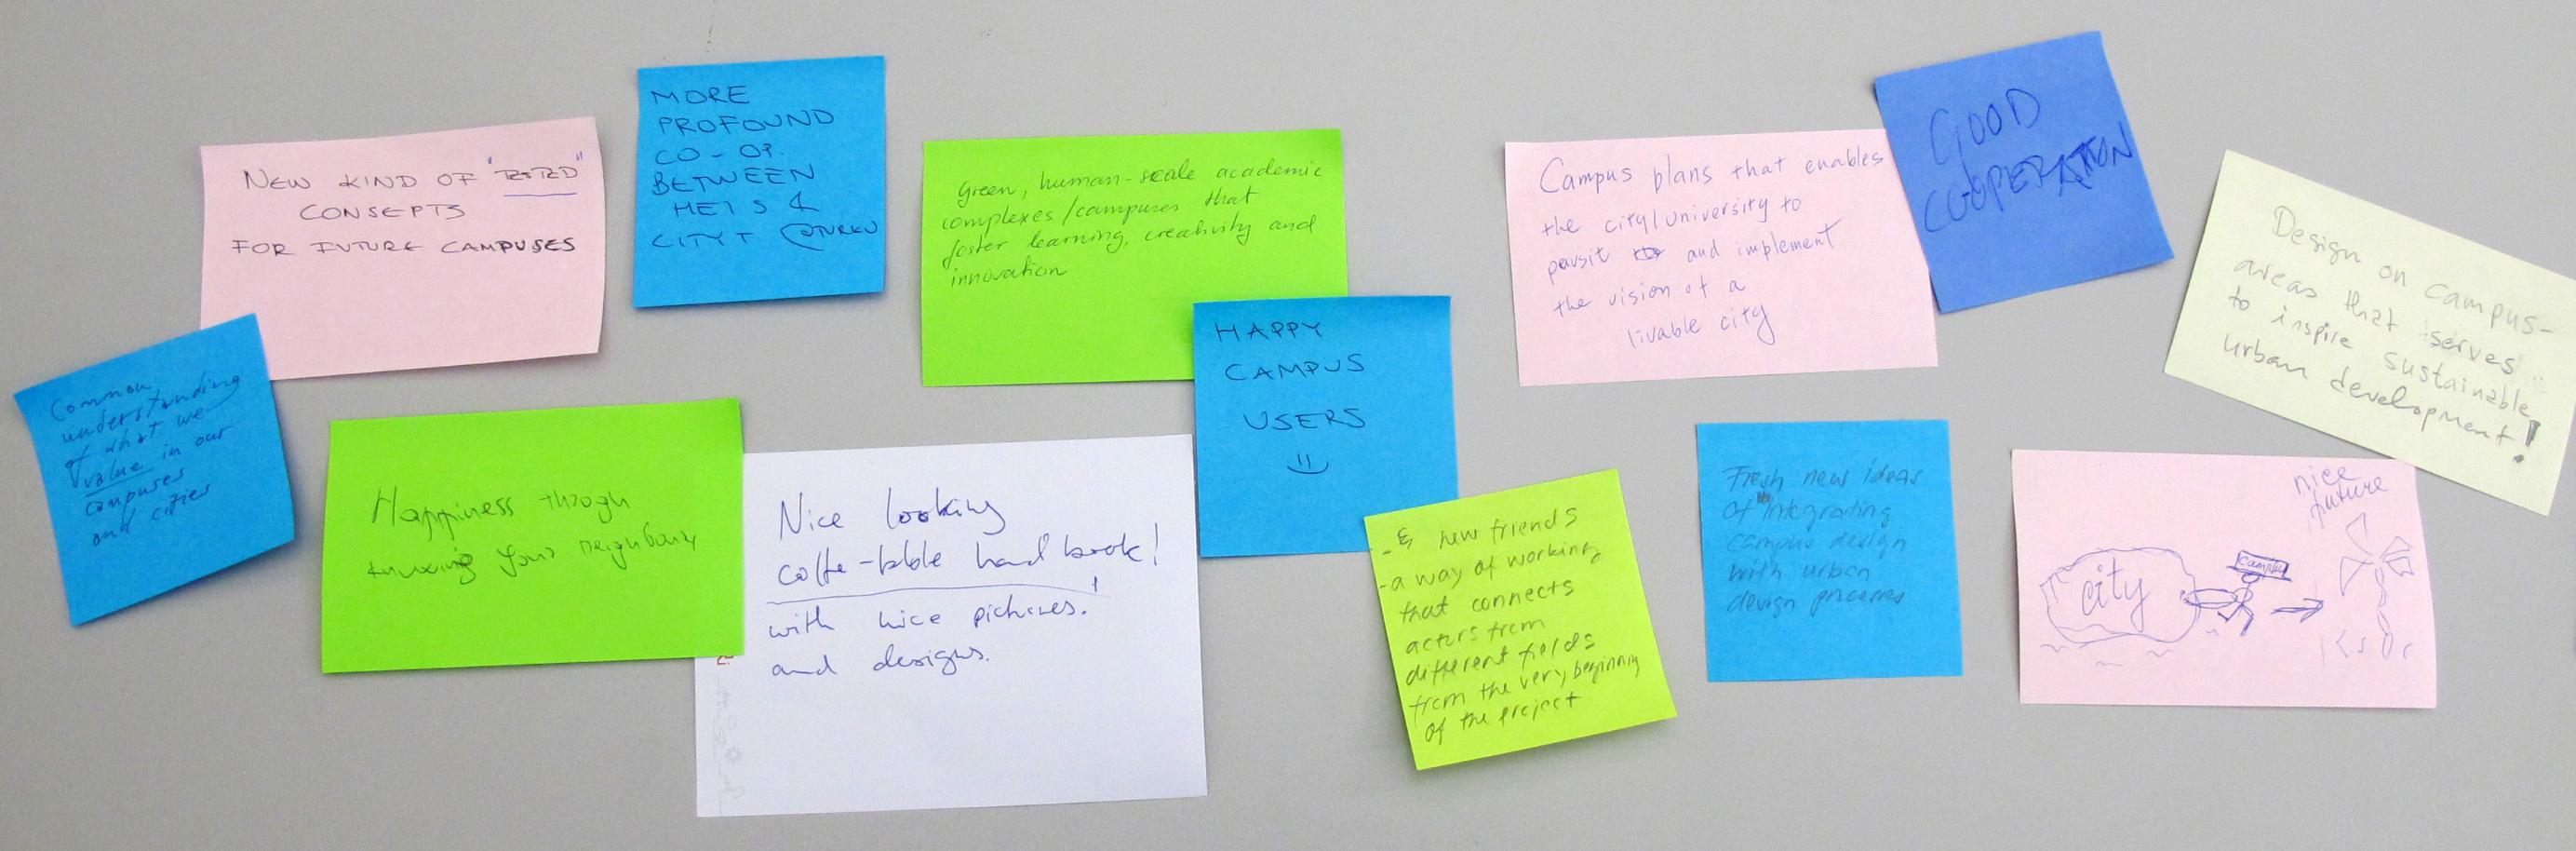 Live Baltic Campus -kumppaneiden odotuksia hankkeelle